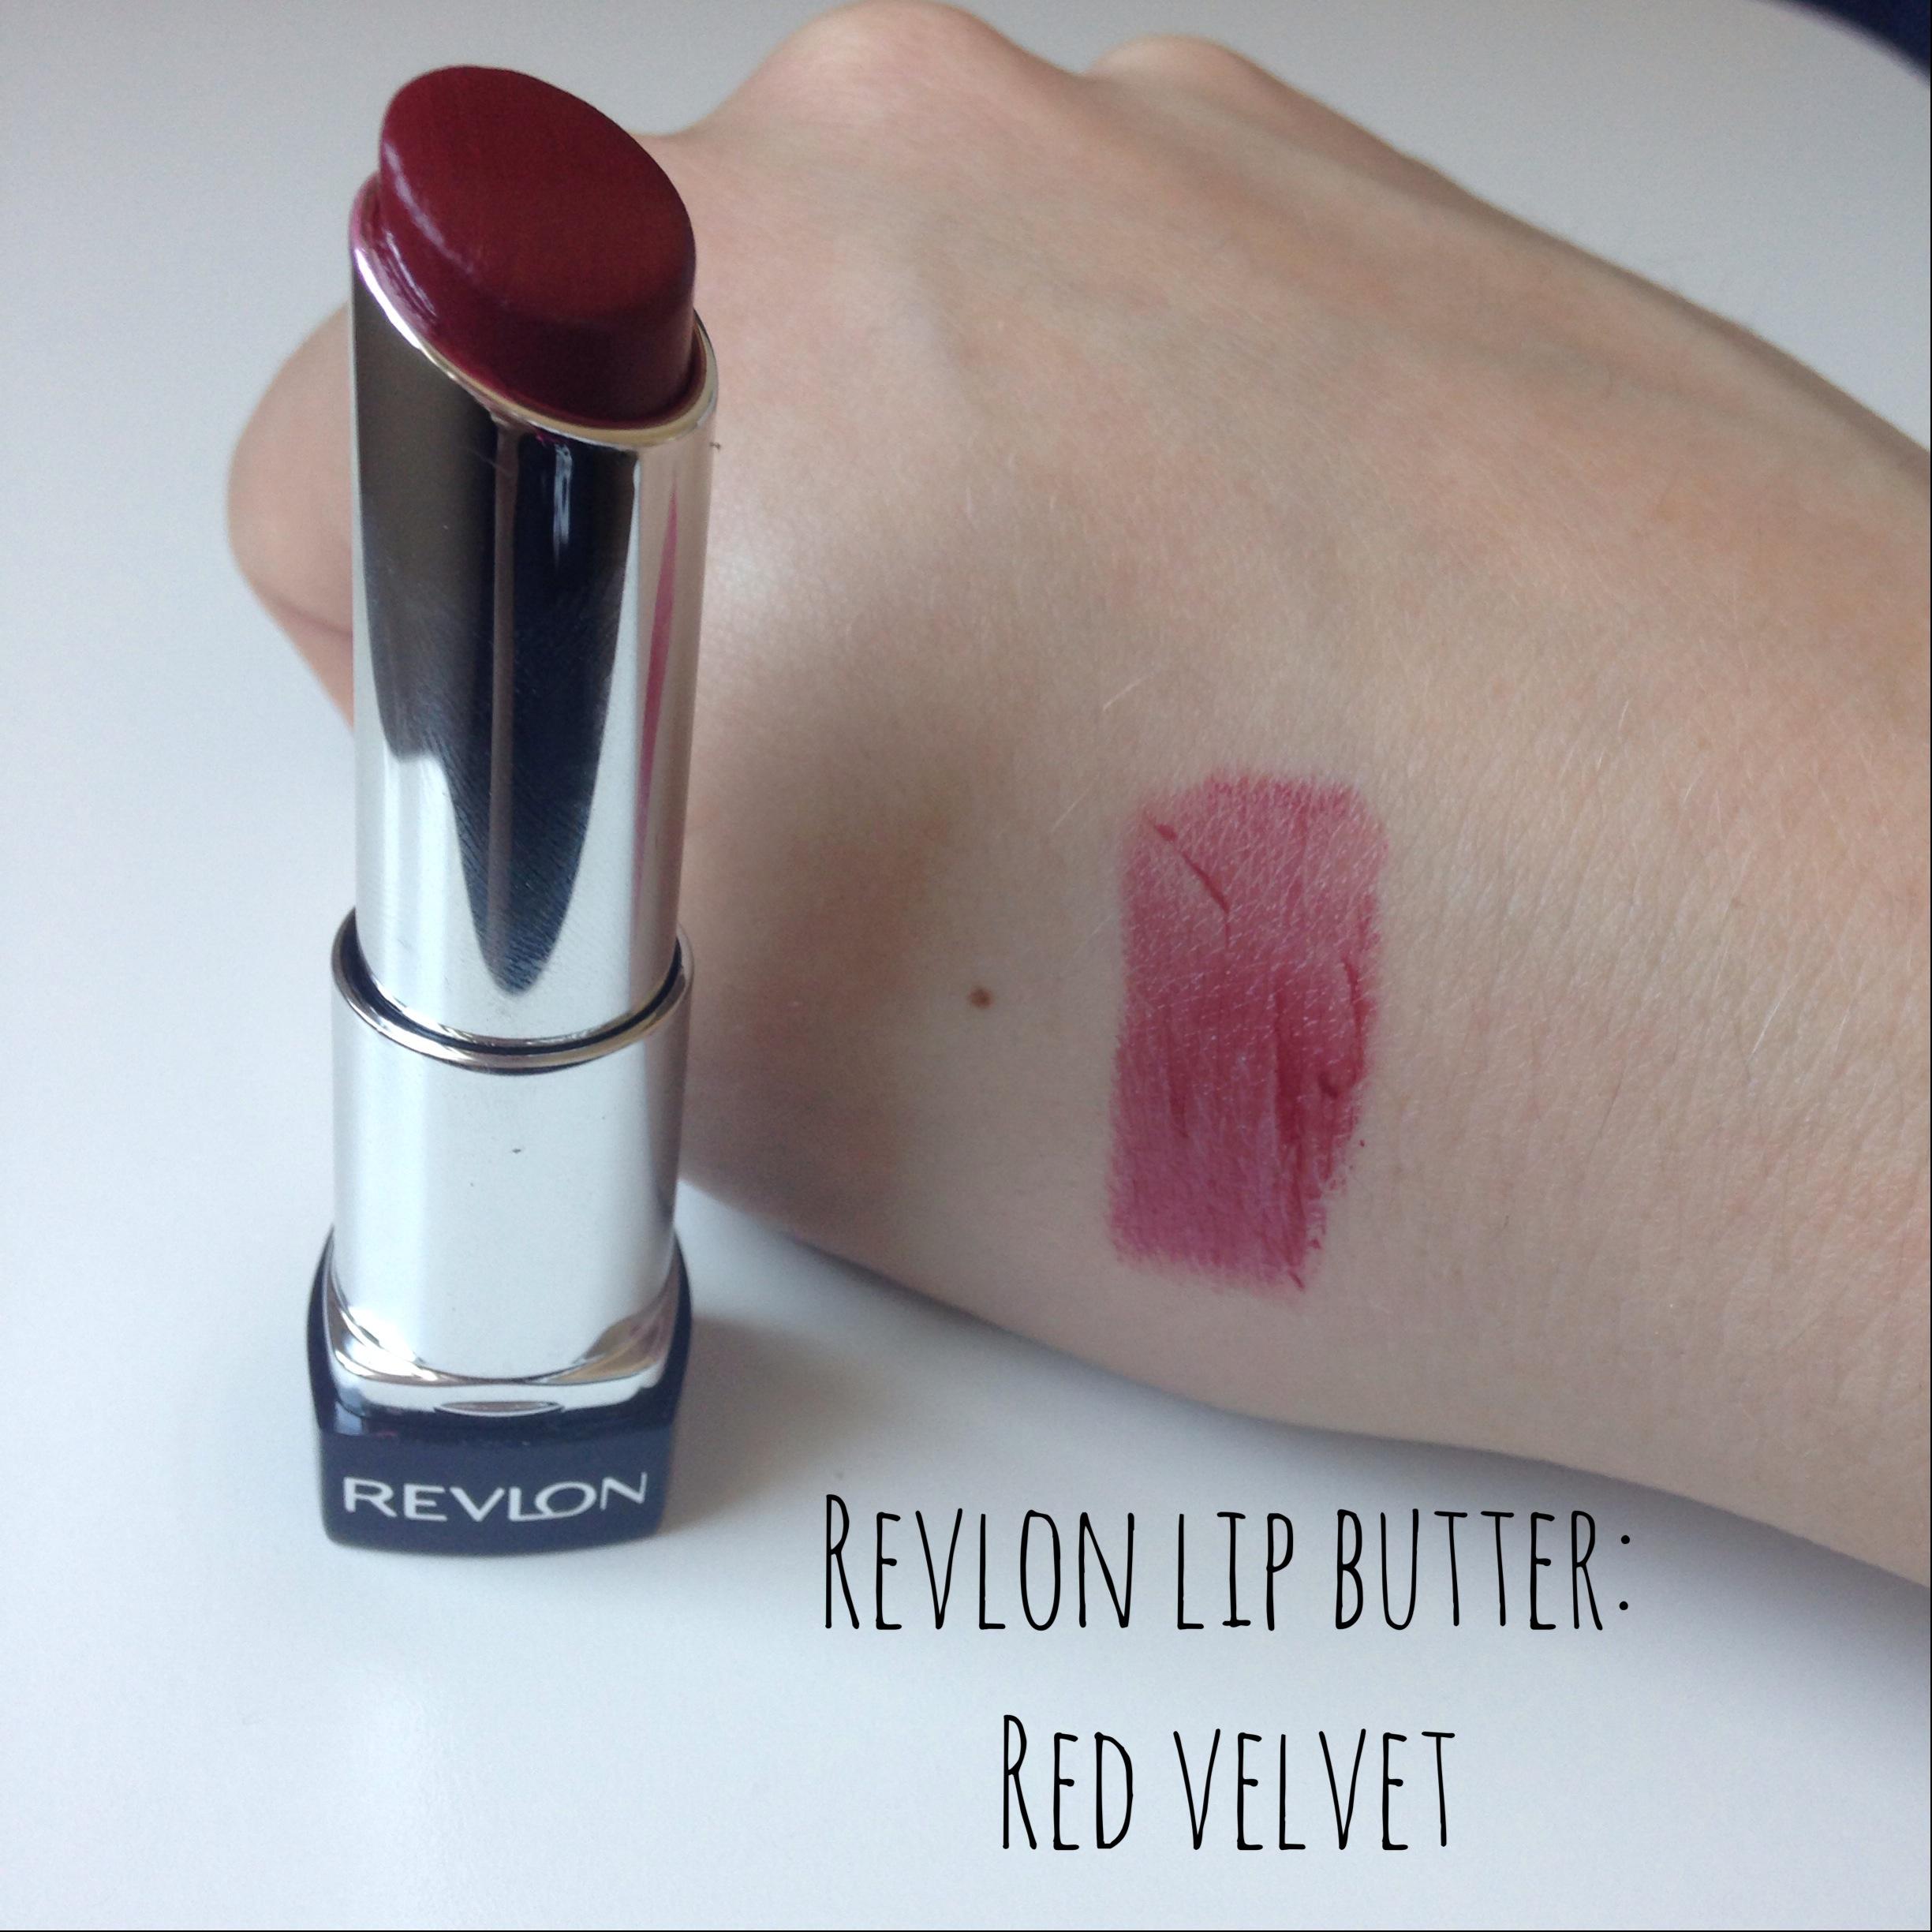 Revlon Red Velvet